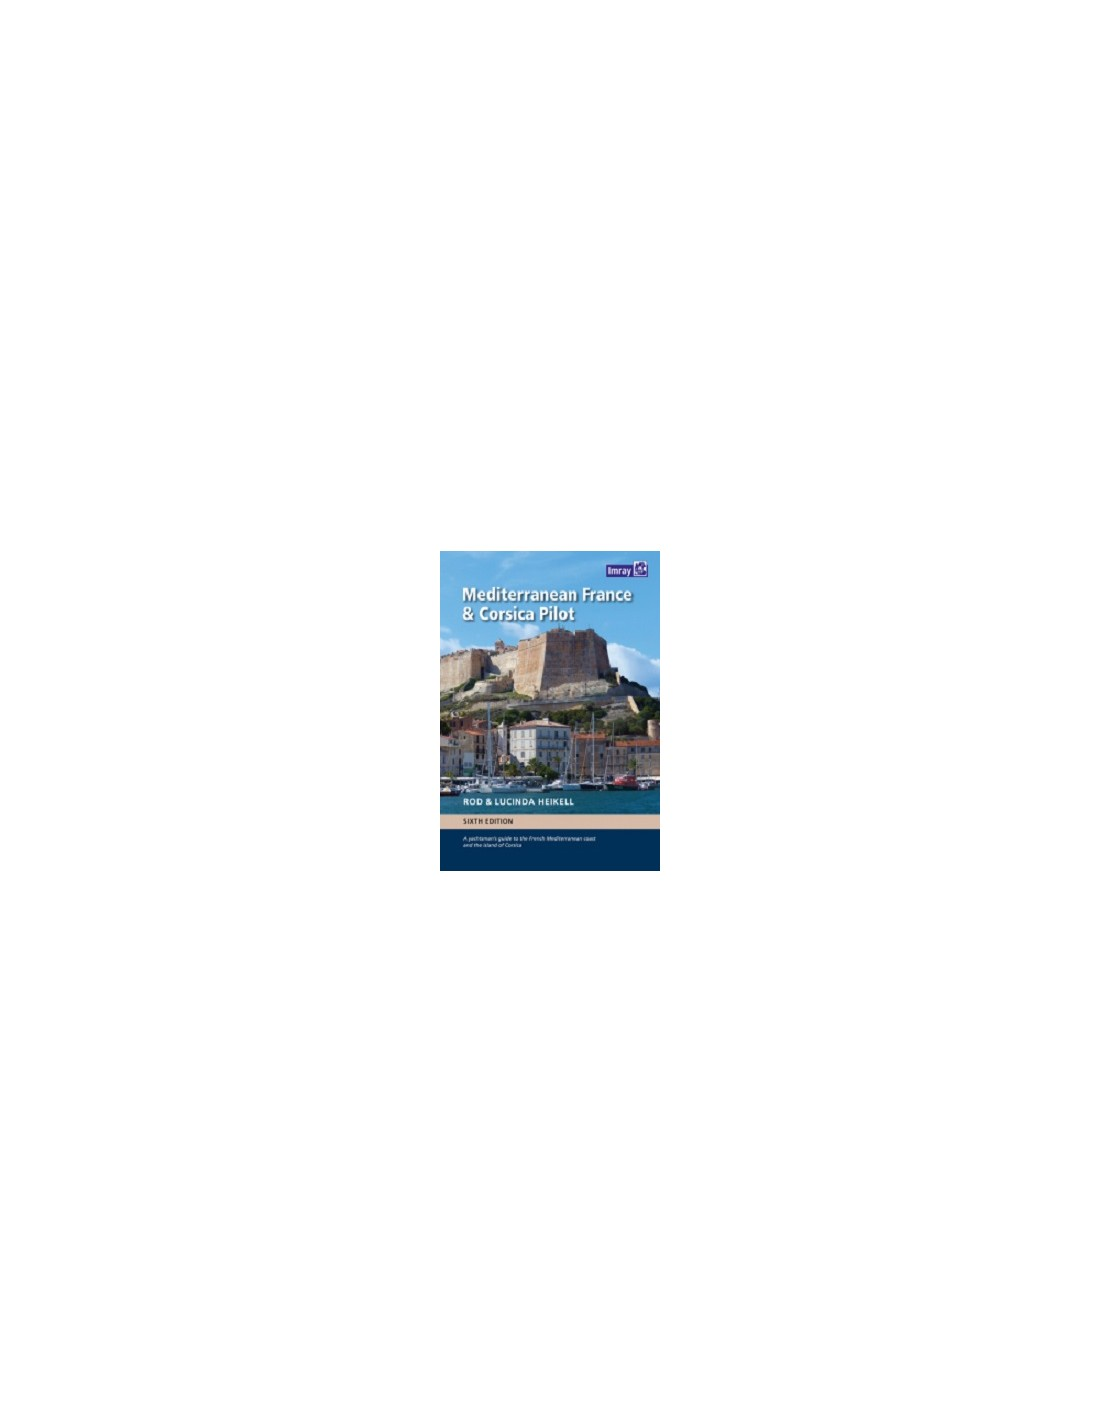 c4db32adf813 BRUJULA RELOJ DE SOL LATON VIEJO - Libreria Nautica San Esteban